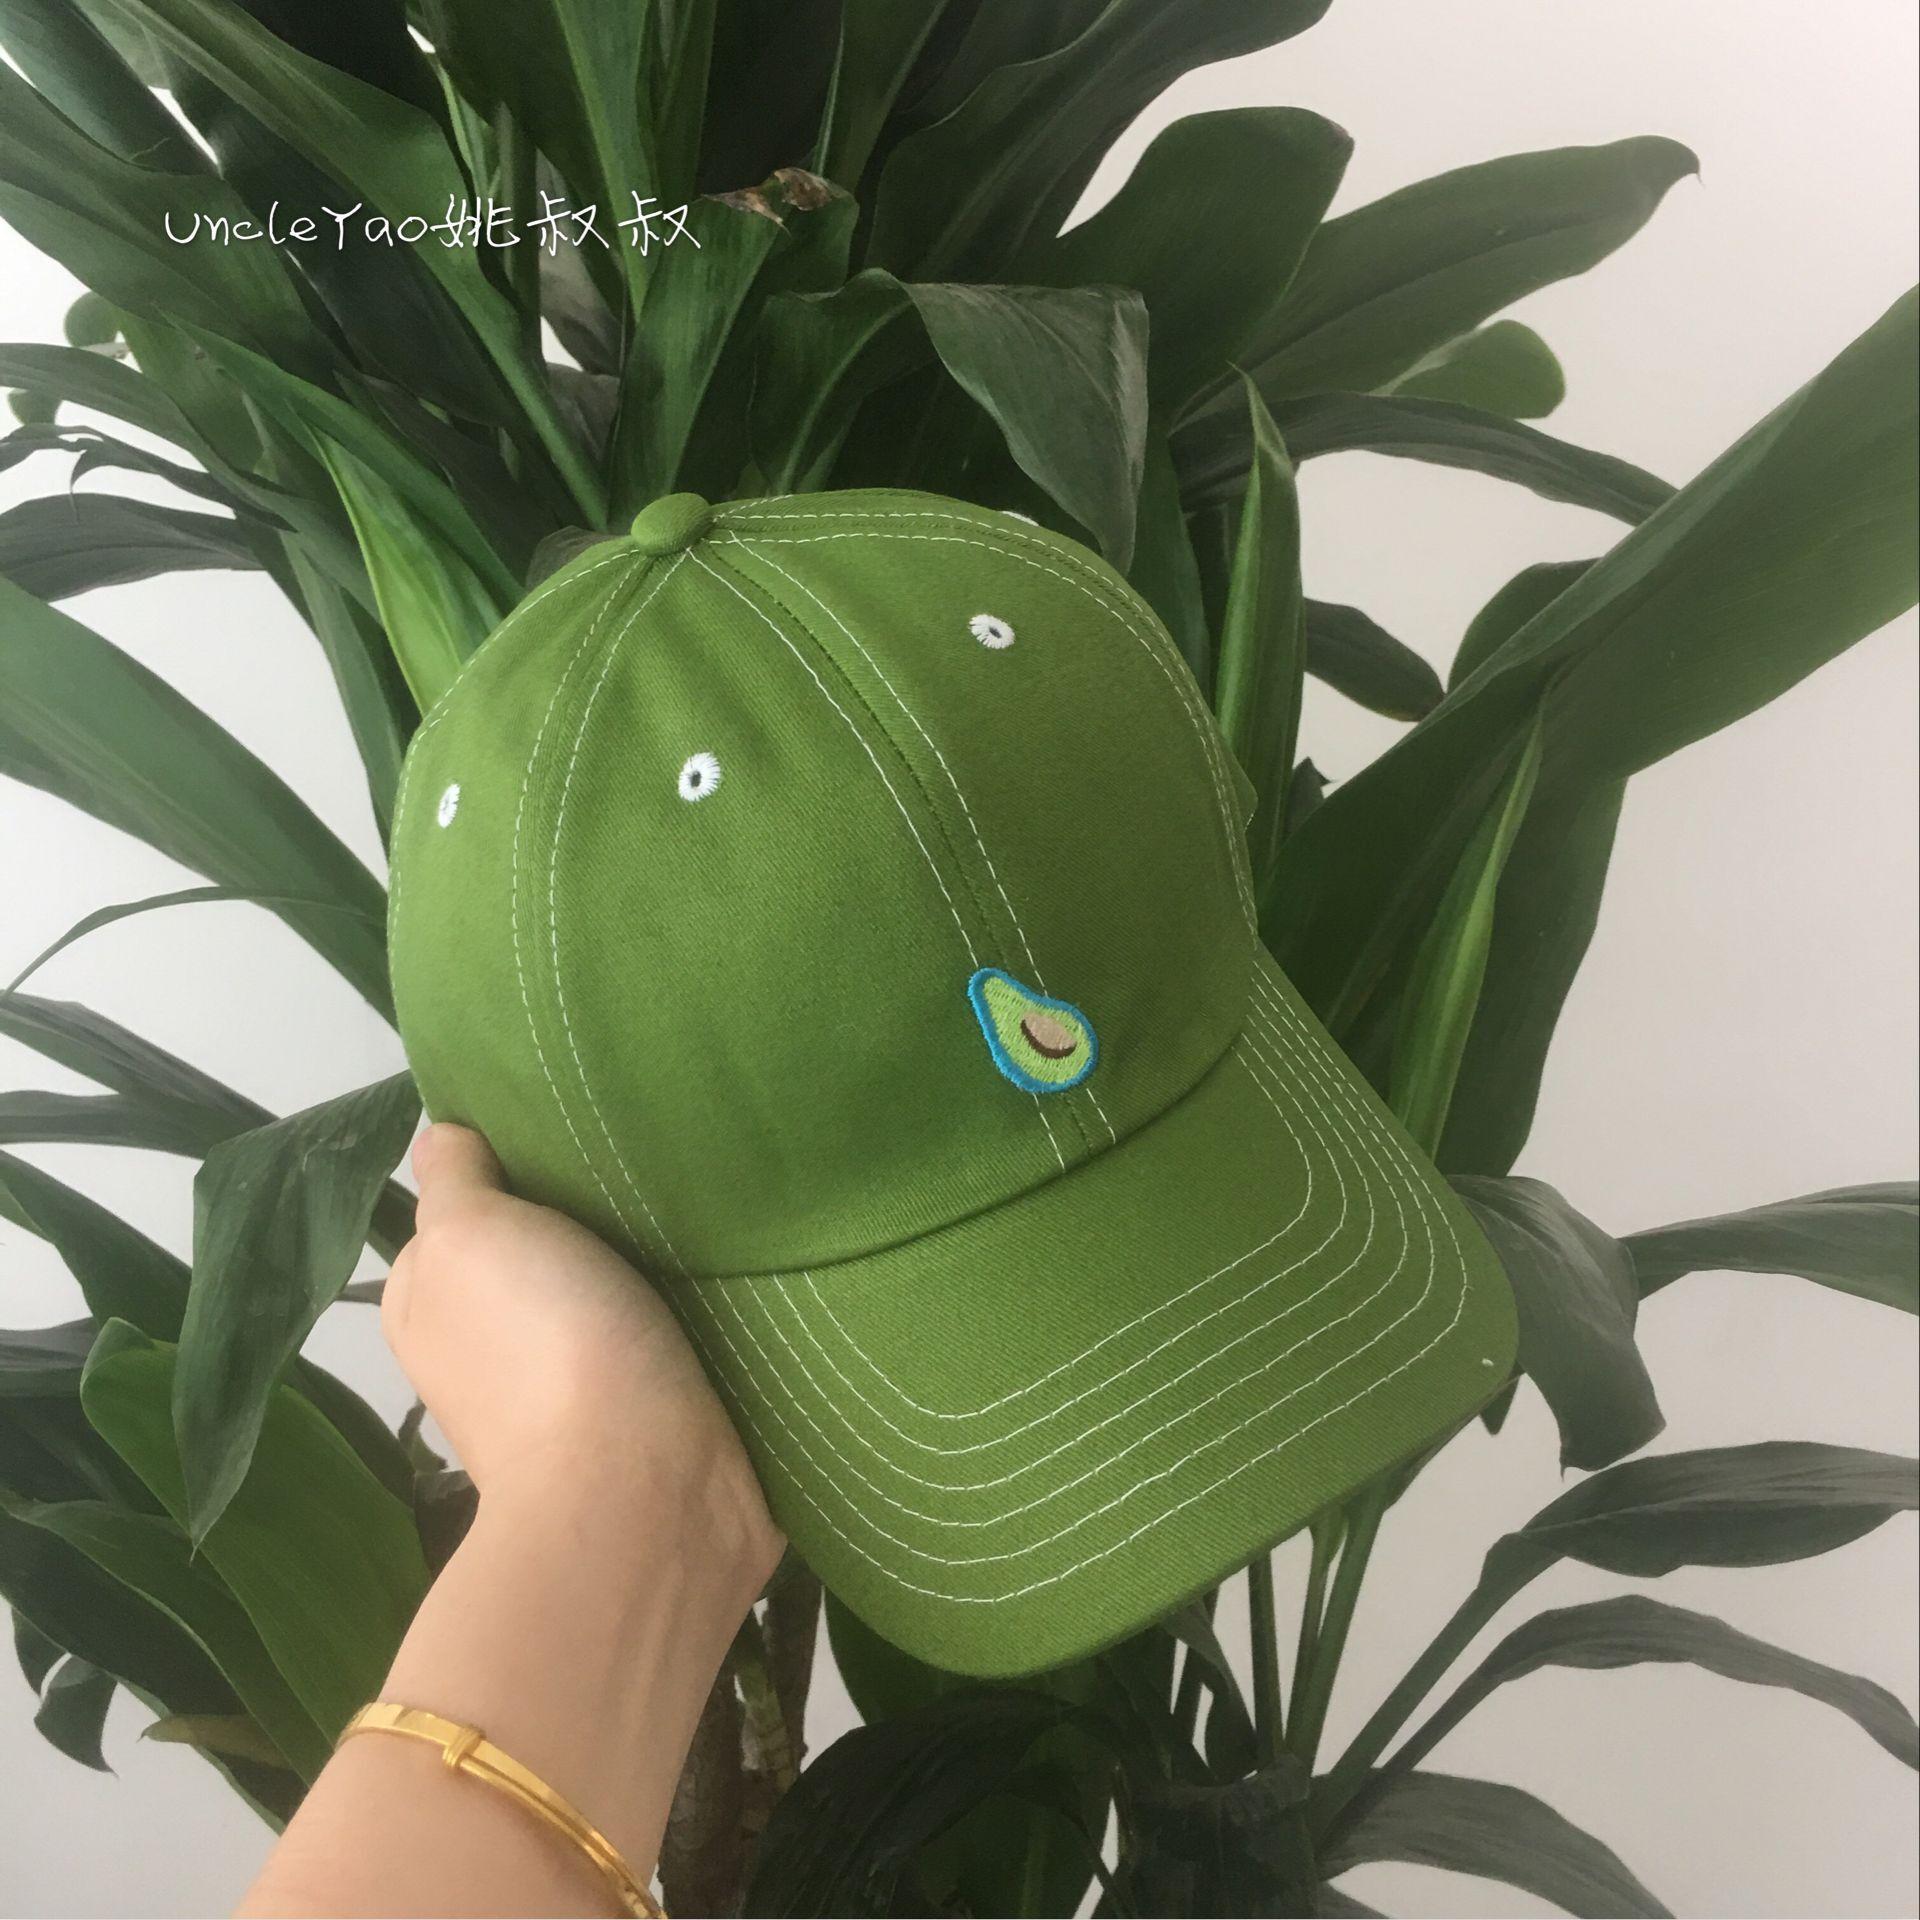 绿色的帽子